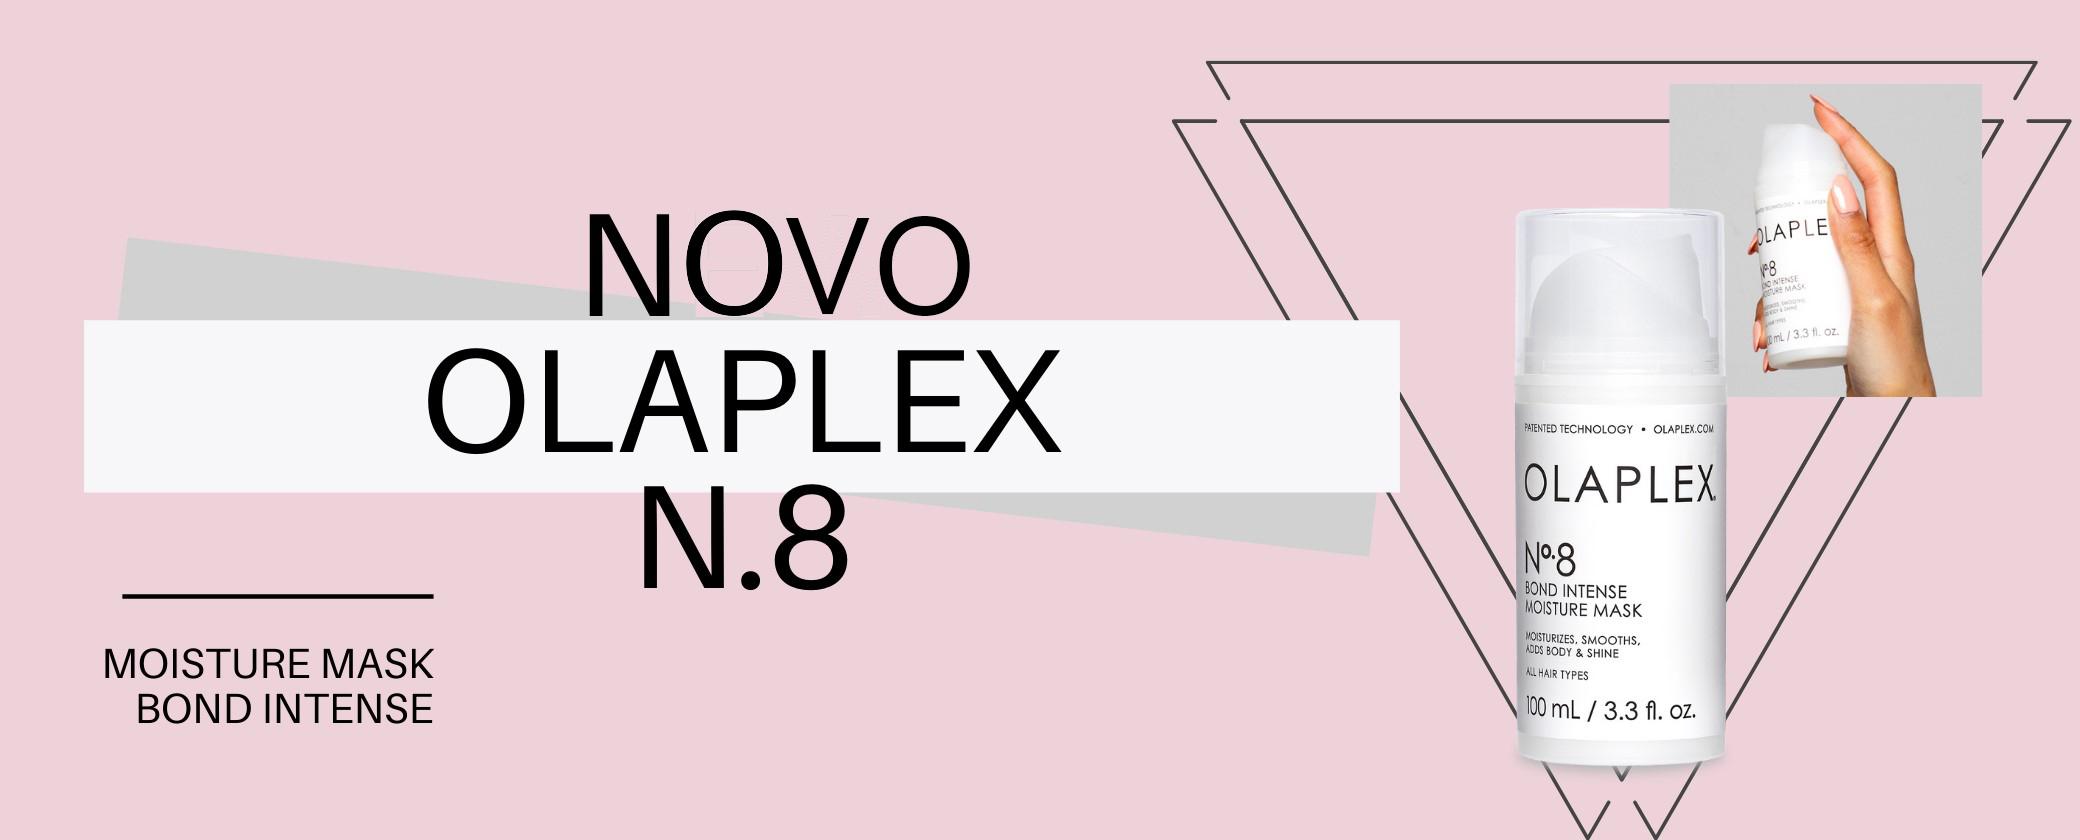 OLAPLEX-n8-nei oteucabelo